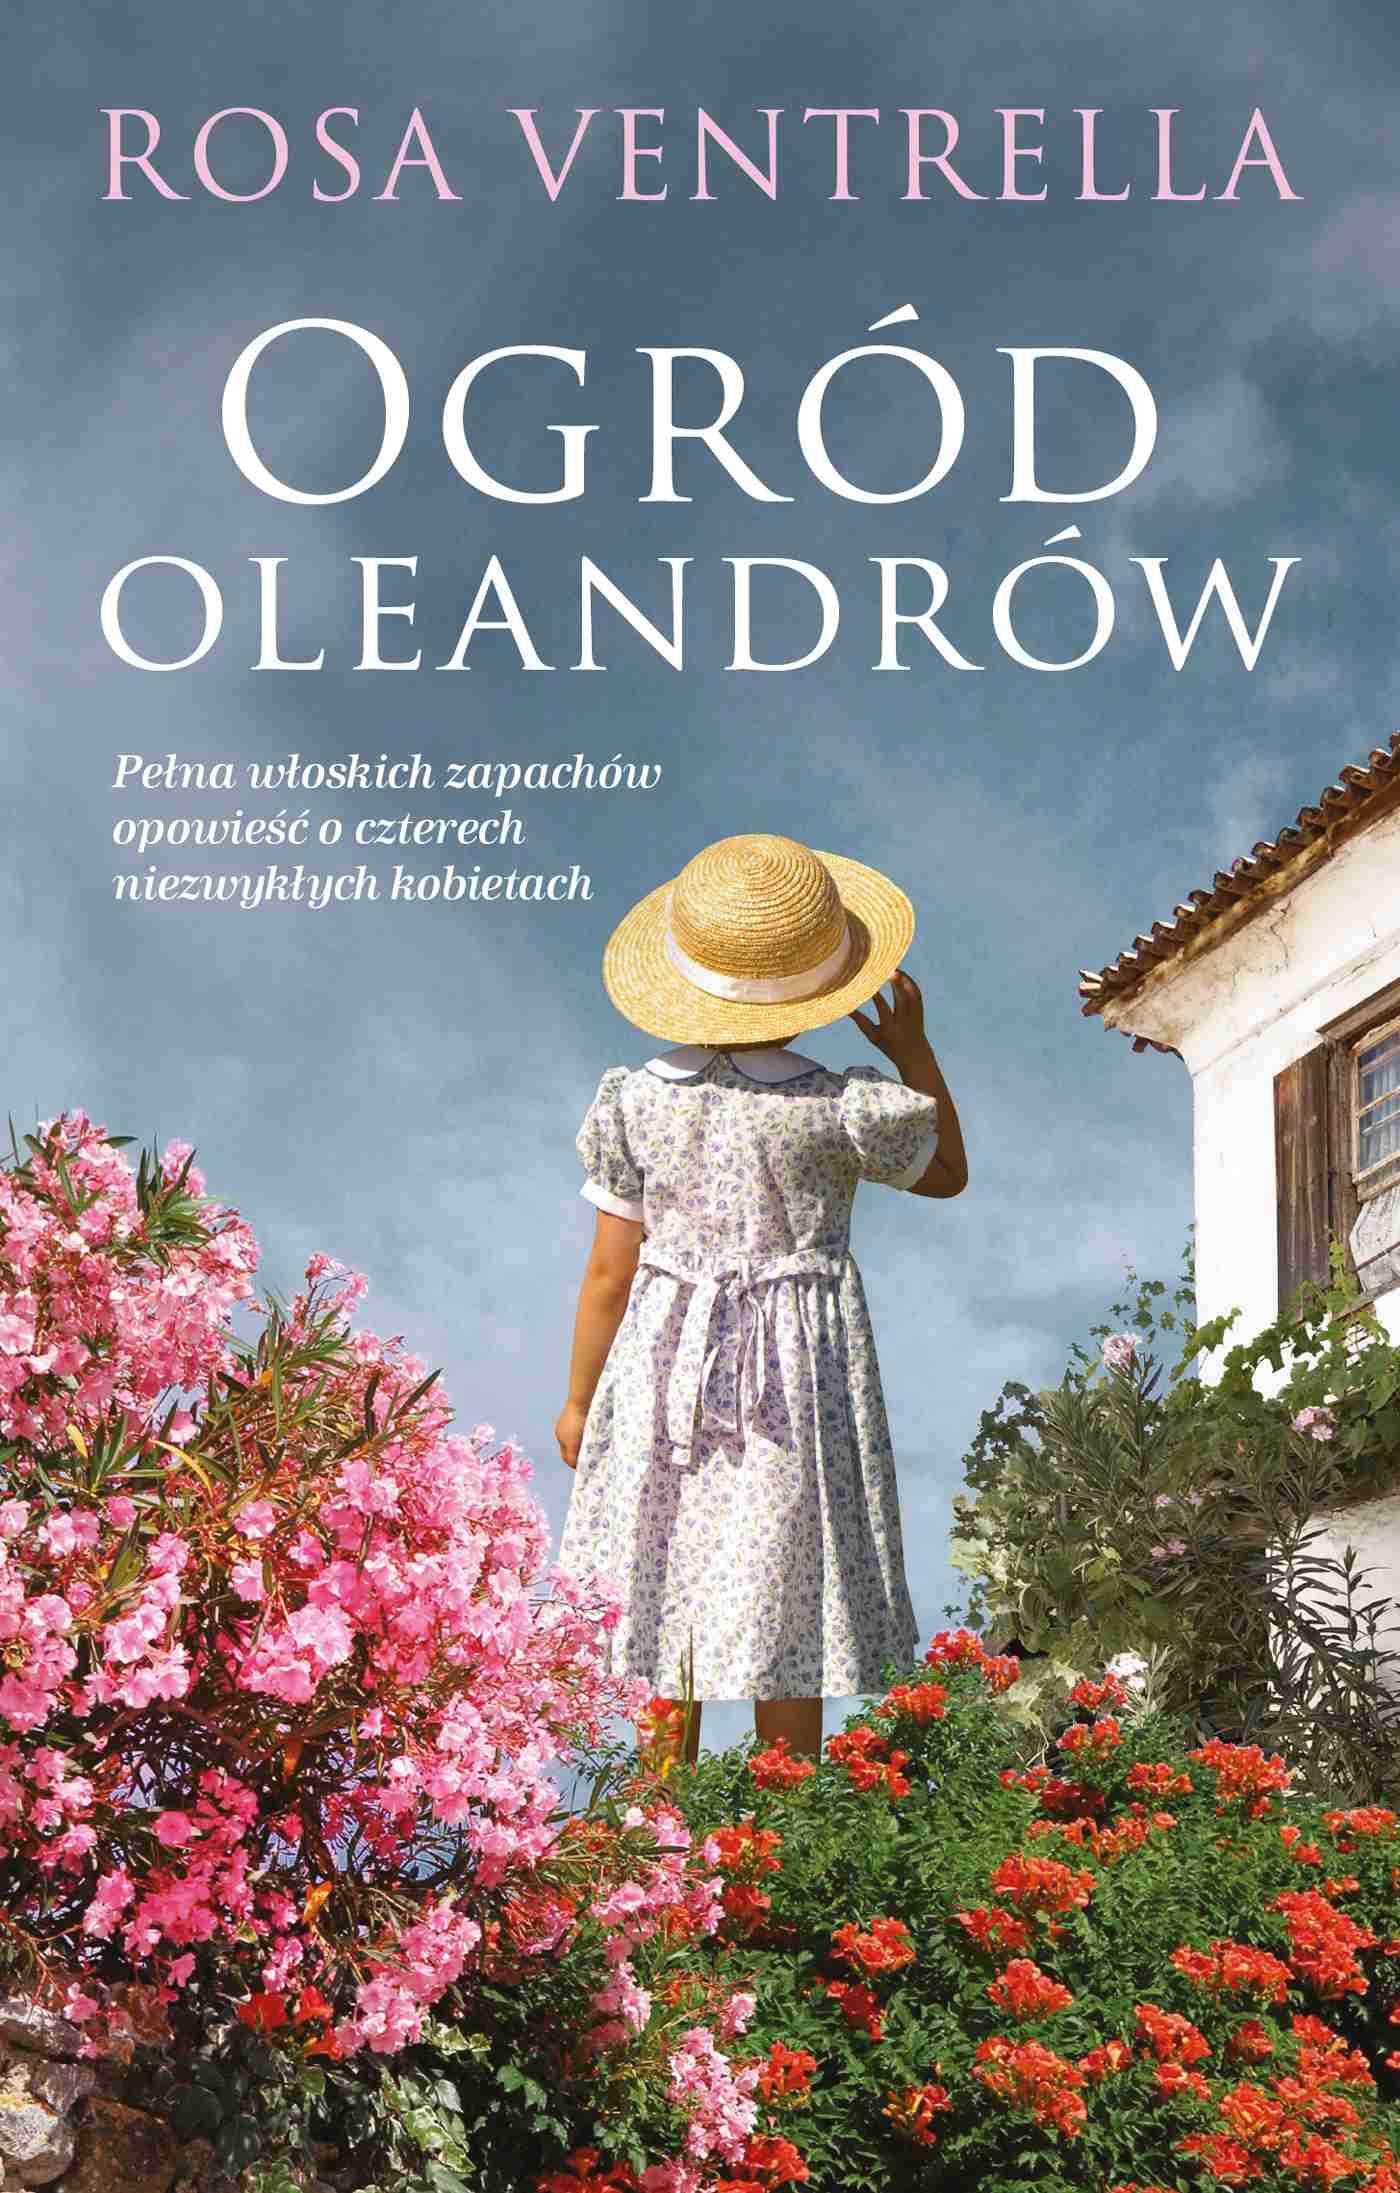 Ogród oleandrów - Ebook (Książka EPUB) do pobrania w formacie EPUB